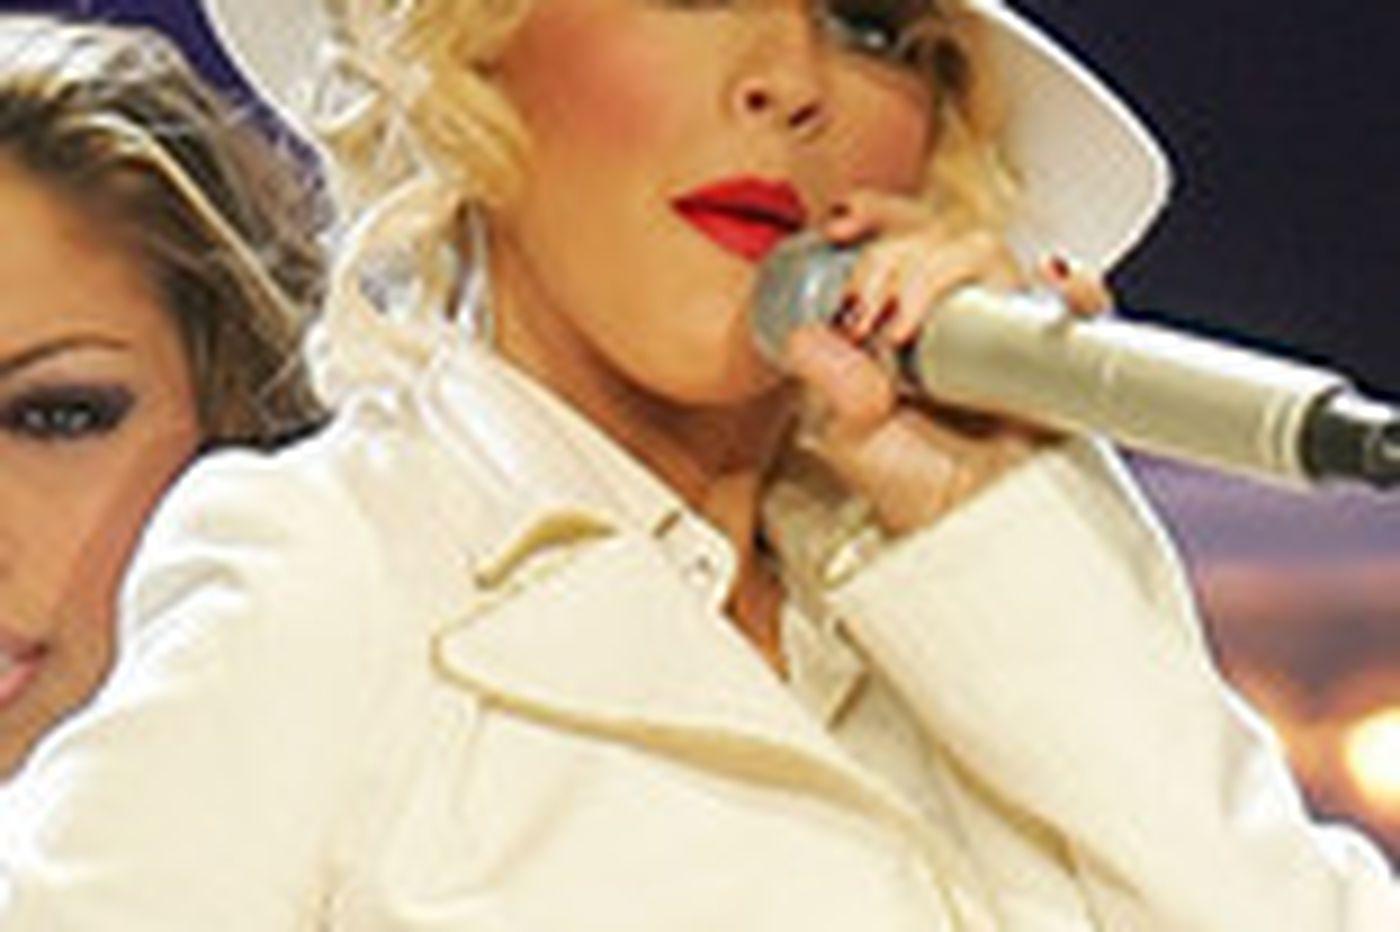 Aguilera's intensity gets a little tiring